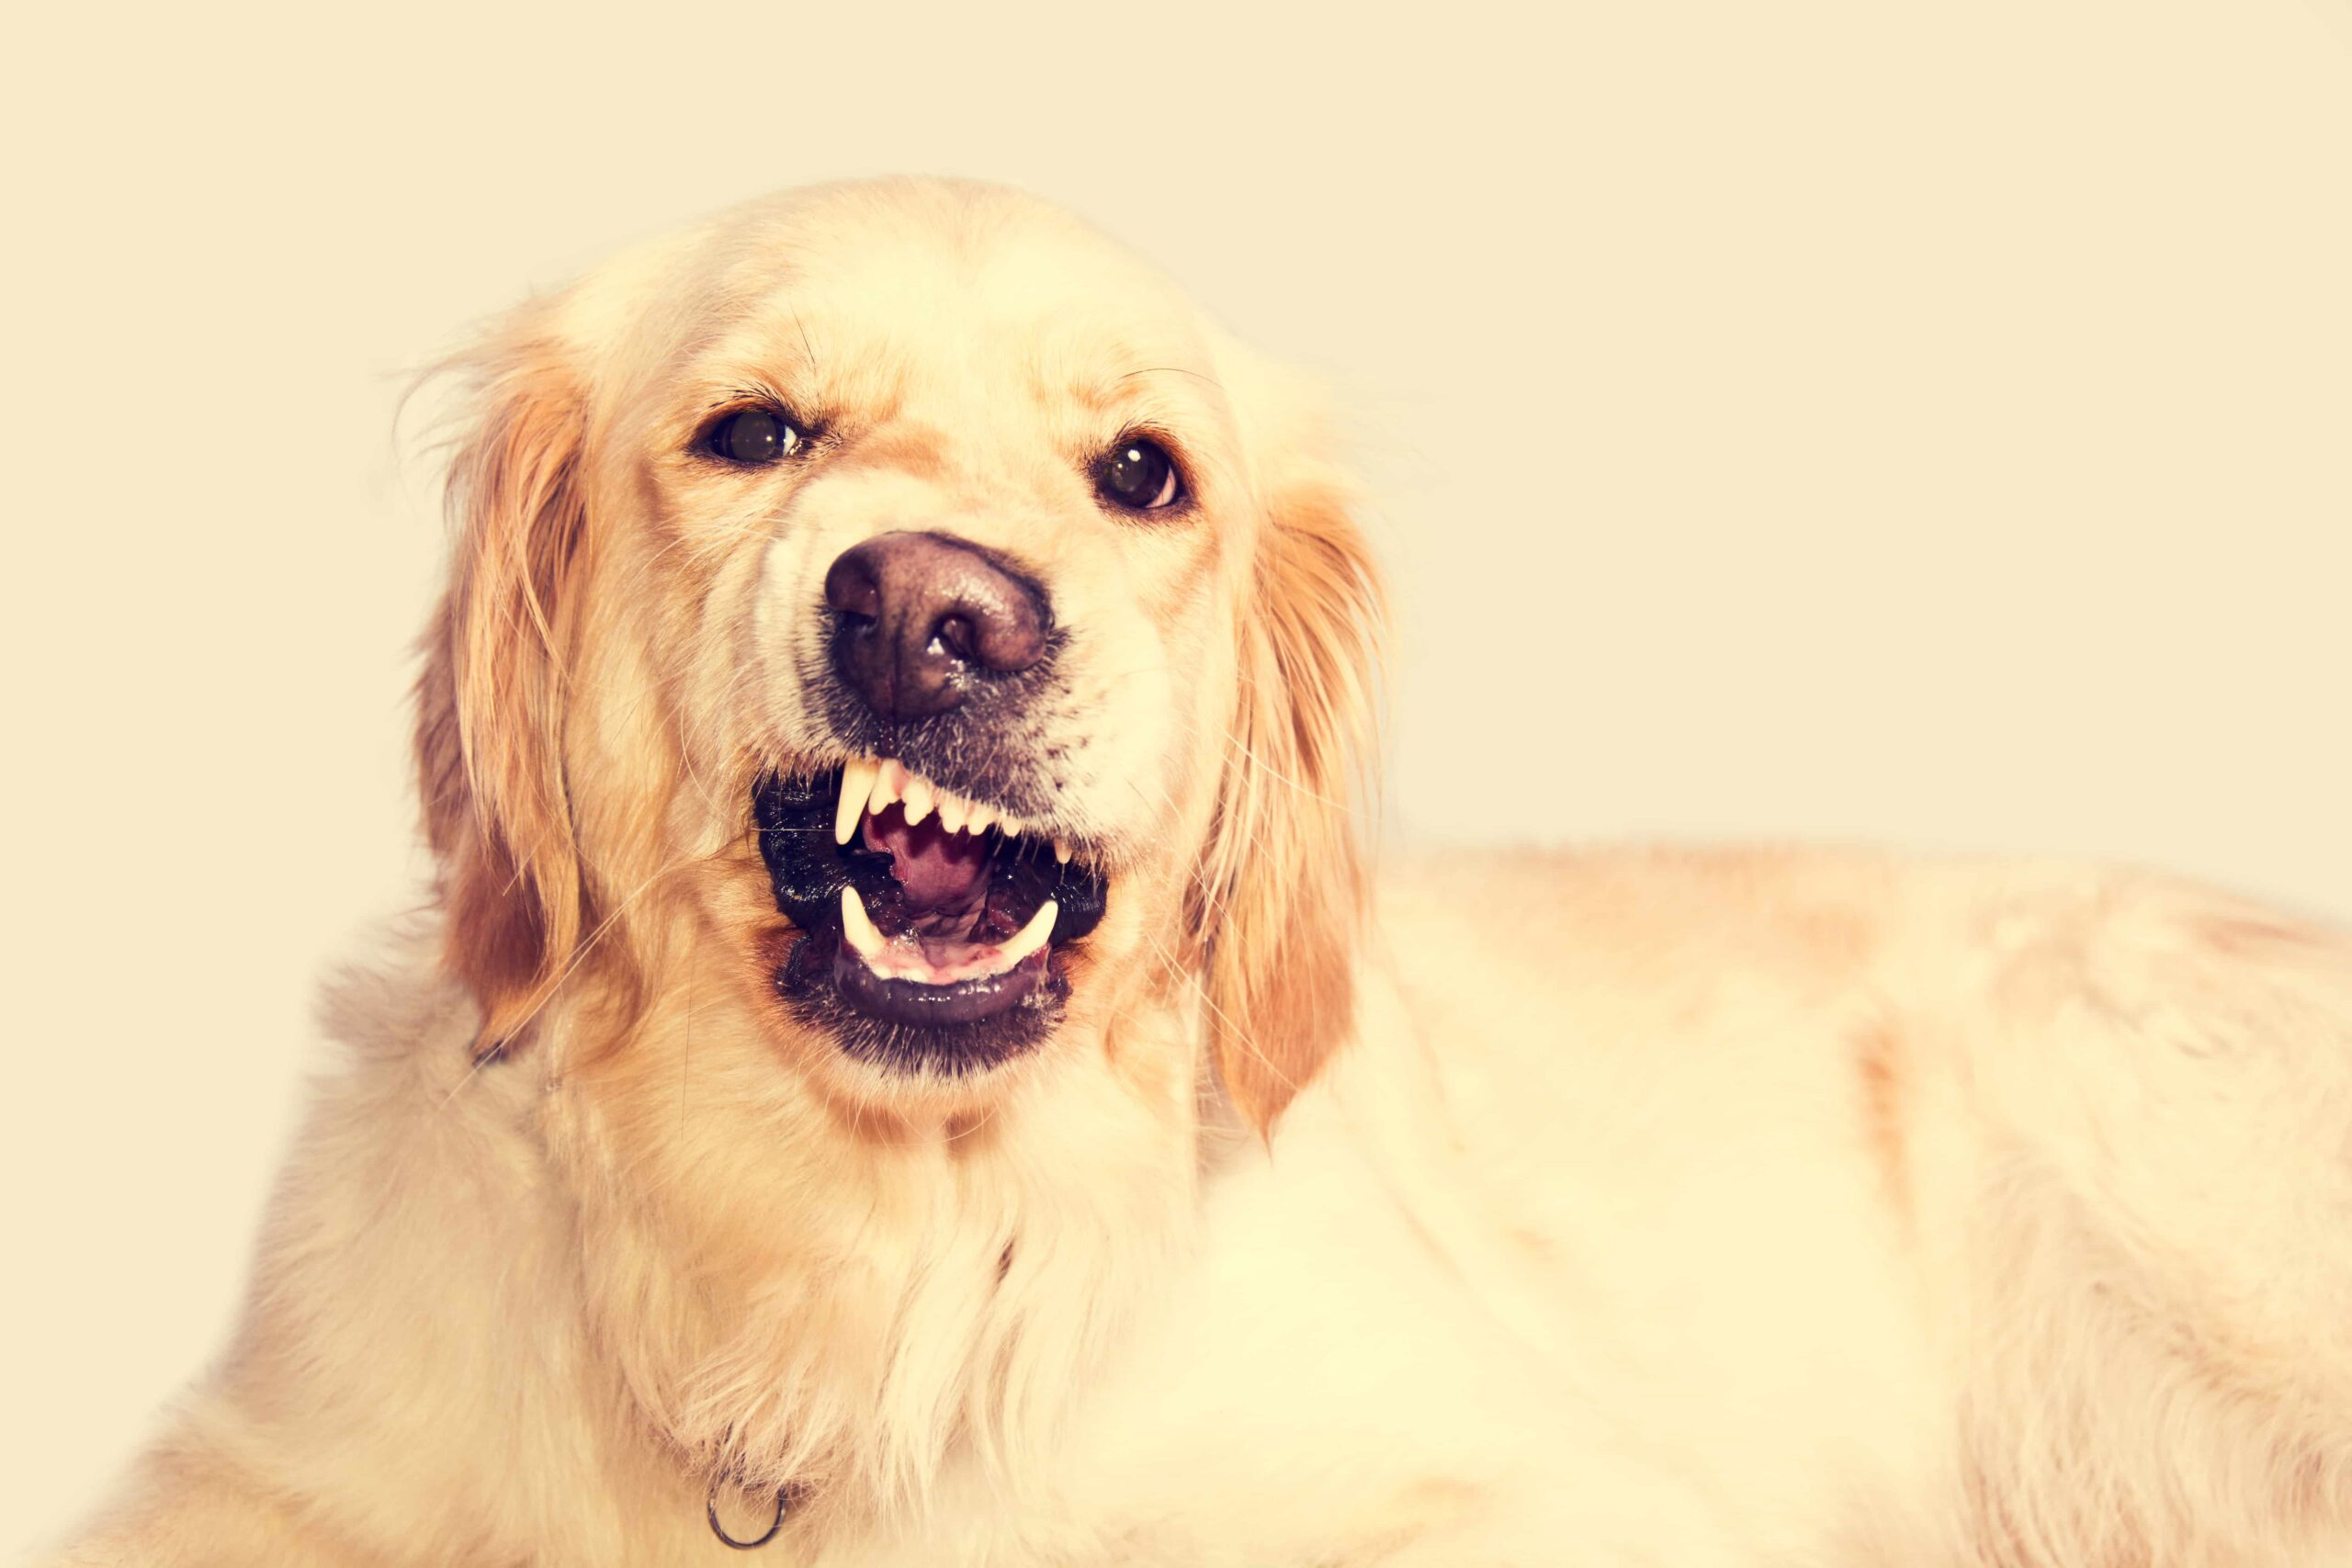 Köpeğim Sürekli Havlıyor, Neden Olabilir?